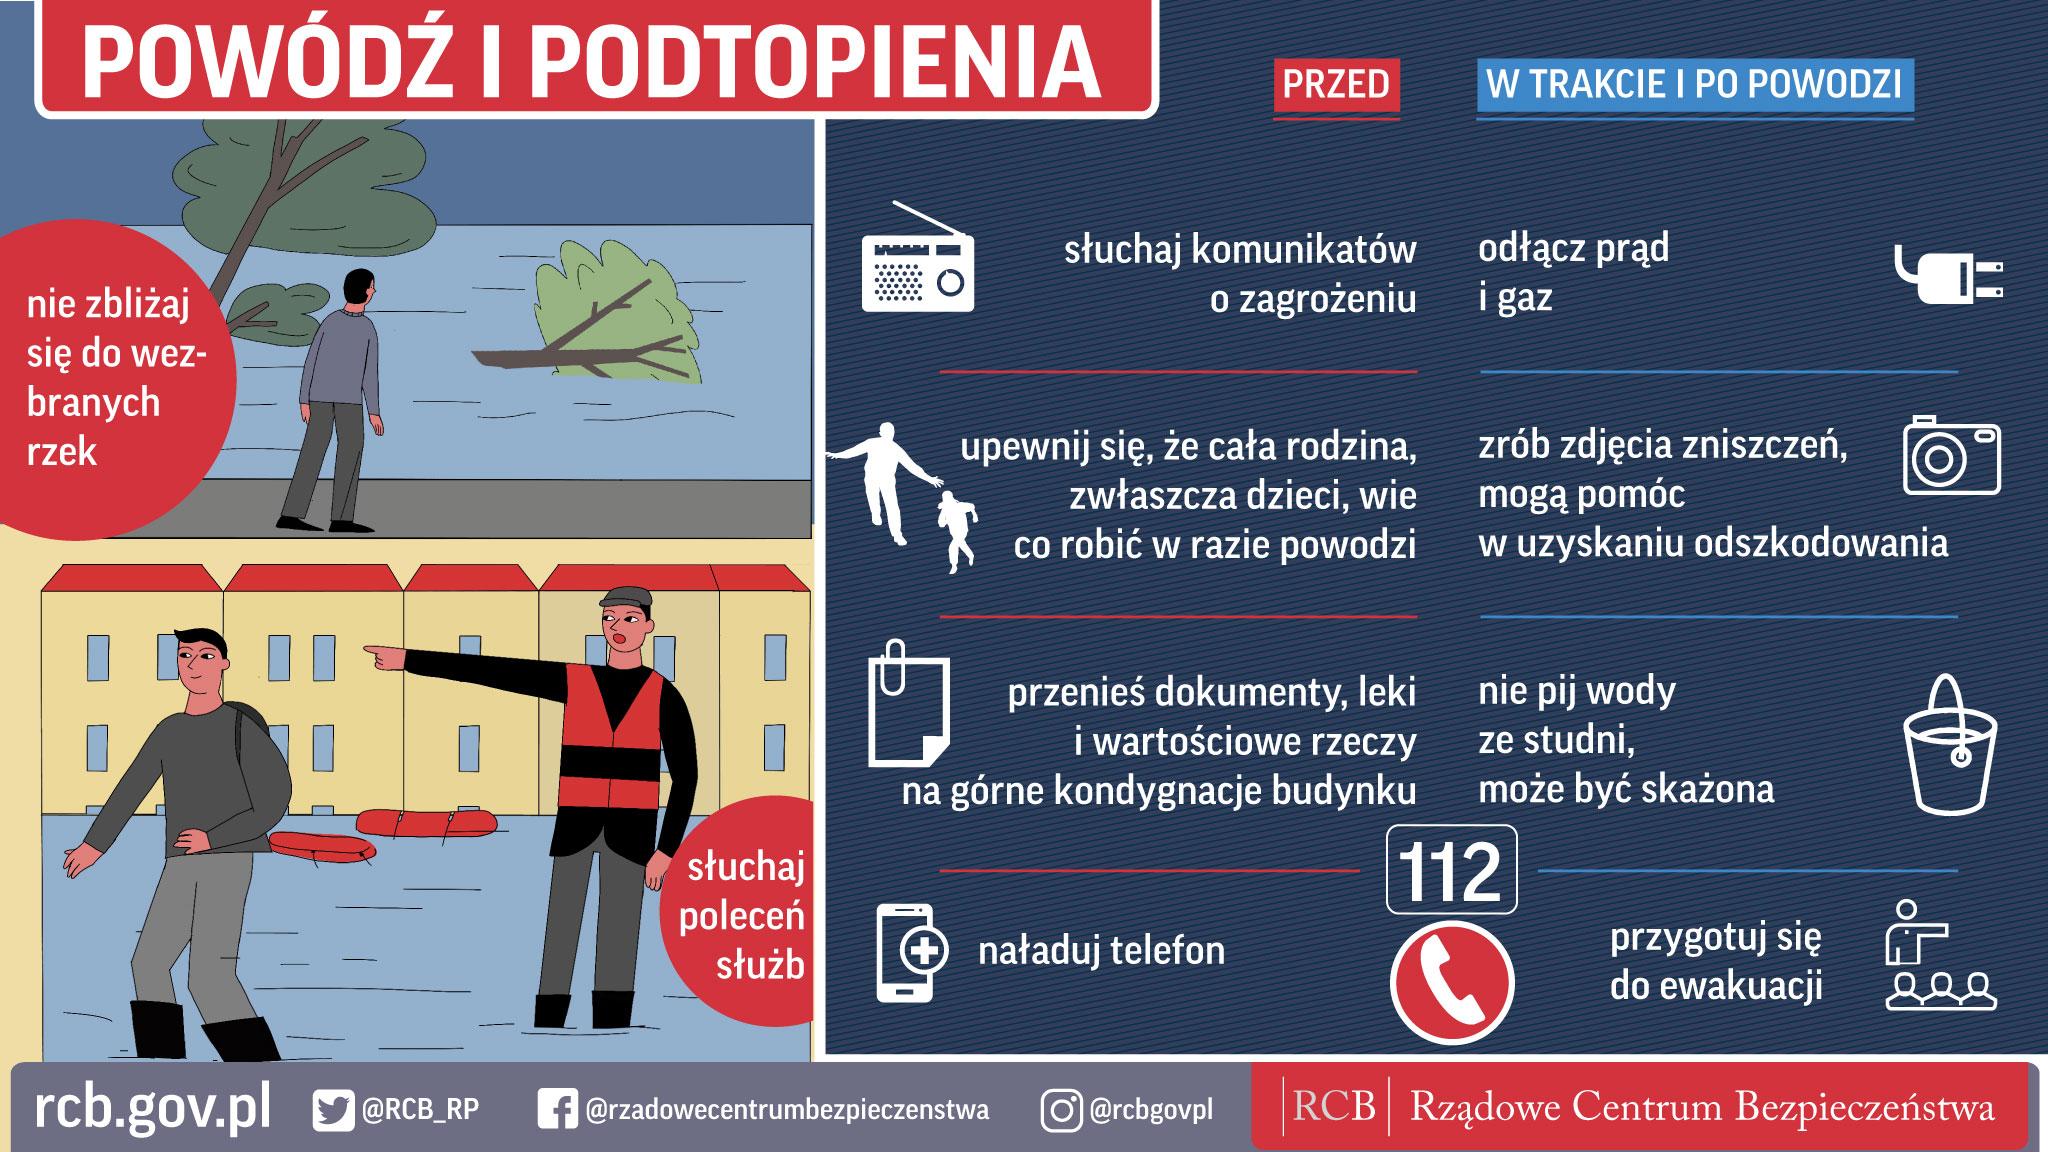 Infografika dotycząca bezpiecznych zachowań dotyczących powodzi: - nie zbliżaj się do wezbranych rzek, - słuchaj poleceń służb, - przed powodzią: słuchaj komunikatów o zagrożeniu, naładuj telefon, przenieś dokumenty, leki i wartościowe rzeczy na górne kondygnacje budynku oraz upewnij się, że cała rodzina (zwłaszcza dzieci) wie, co robić w razie powodzi, - w trakcie i po powodzi: odłącz prąd i gaz, zrób zdjęcia zniszczeń – mogą pomóc w uzyskaniu odszkodowania, nie pij wody ze studni, może być skażona, przygotuj się do ewakuacji.